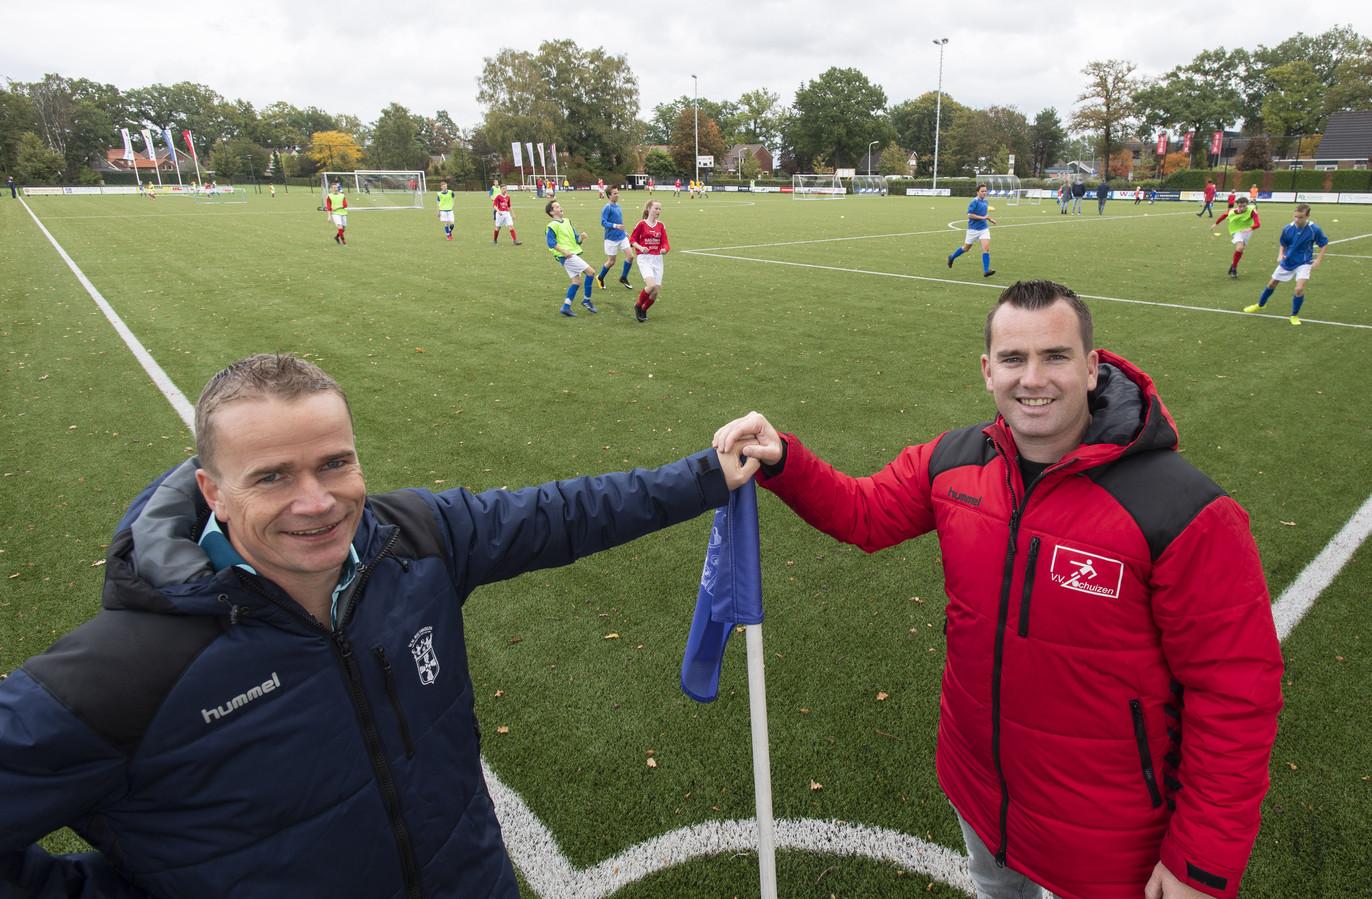 Koen te Lintelo (jeugdvoorzitter VV Rietmolen, links) en collega Ruben Schuurman (VV Lochuizen) benadrukken  dat een fusie niet aan de orde is.